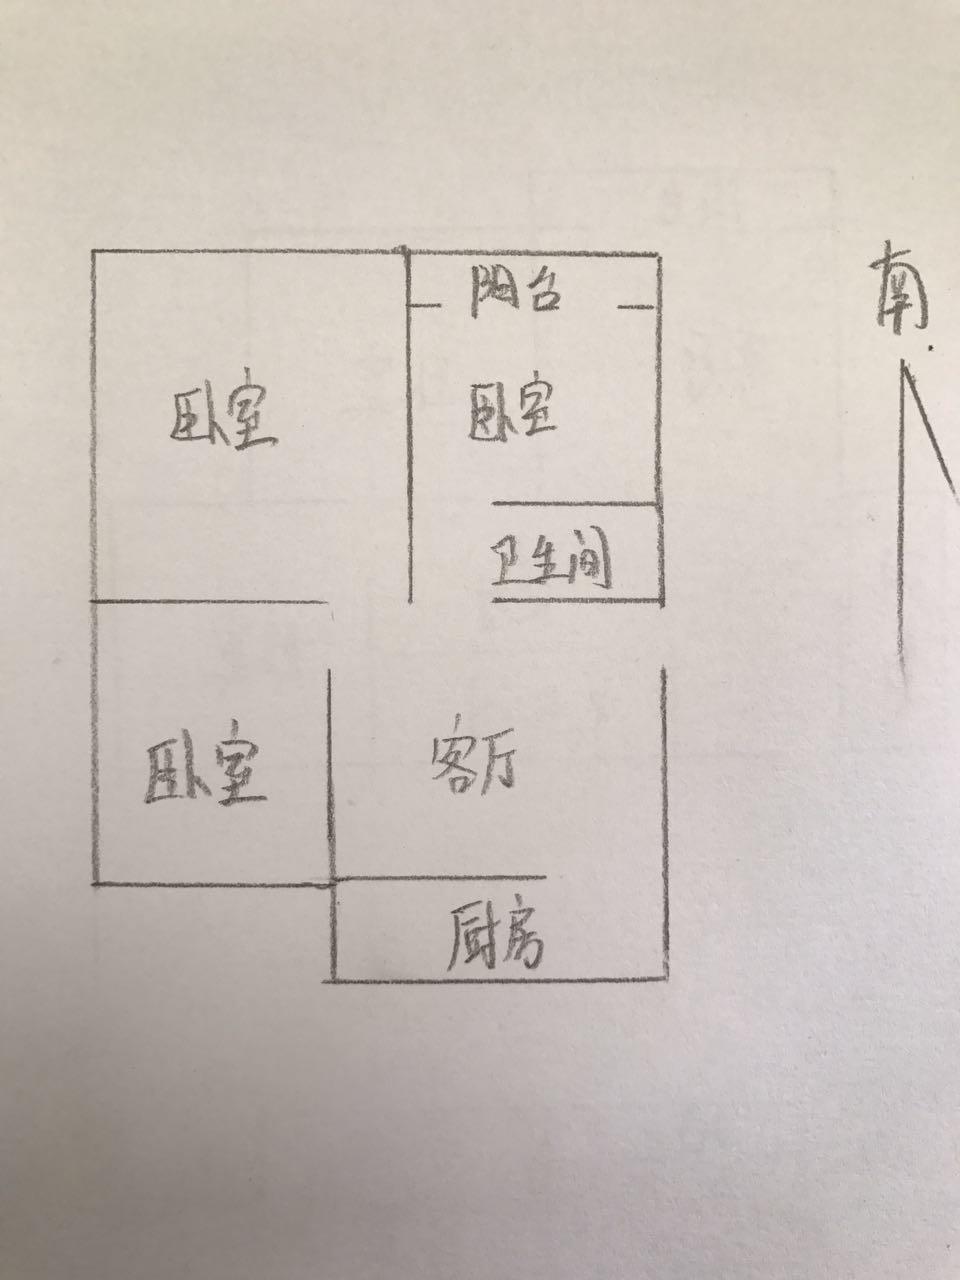 北园小区 3室2厅 2楼